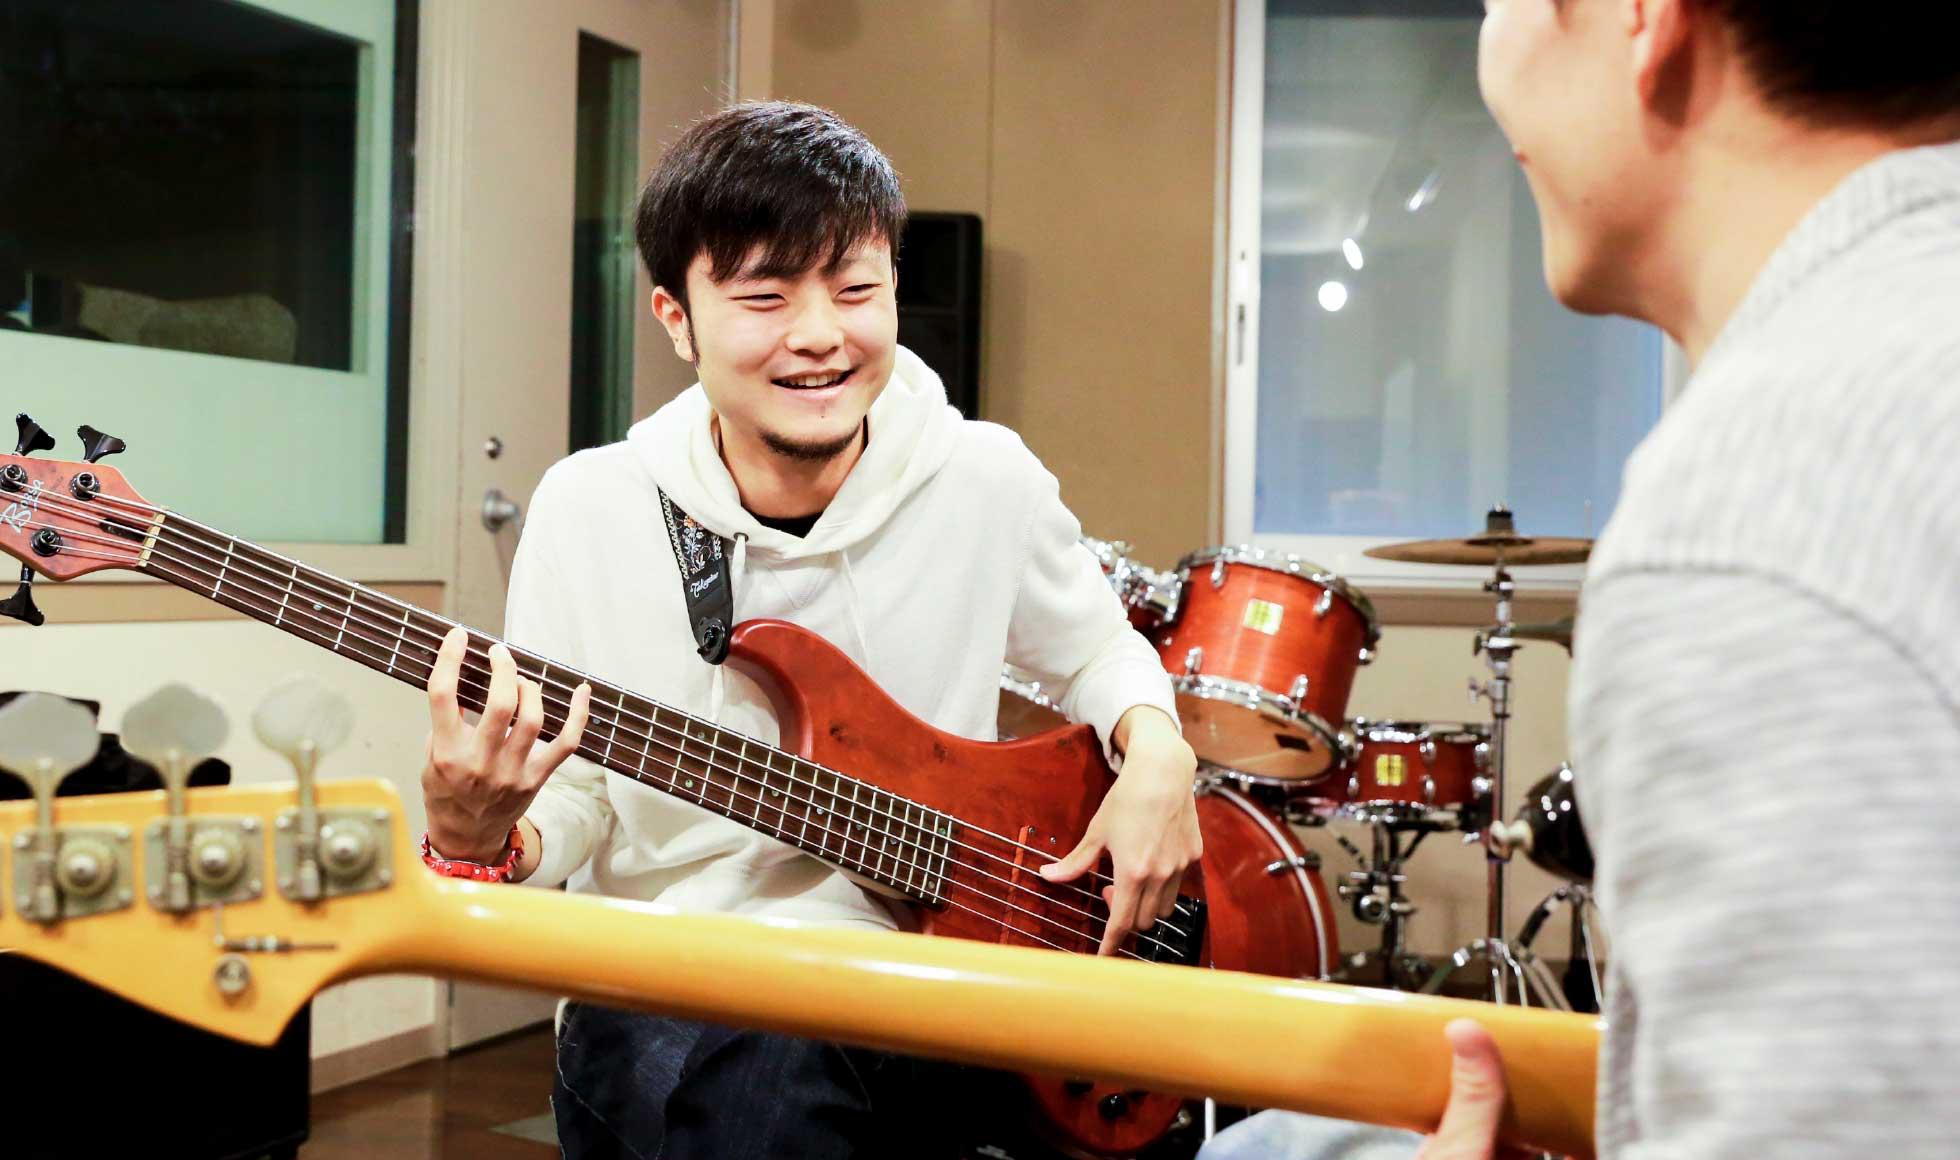 音楽学校を選ぶカギは「少人数制」にある!YMSならではの特徴とは?